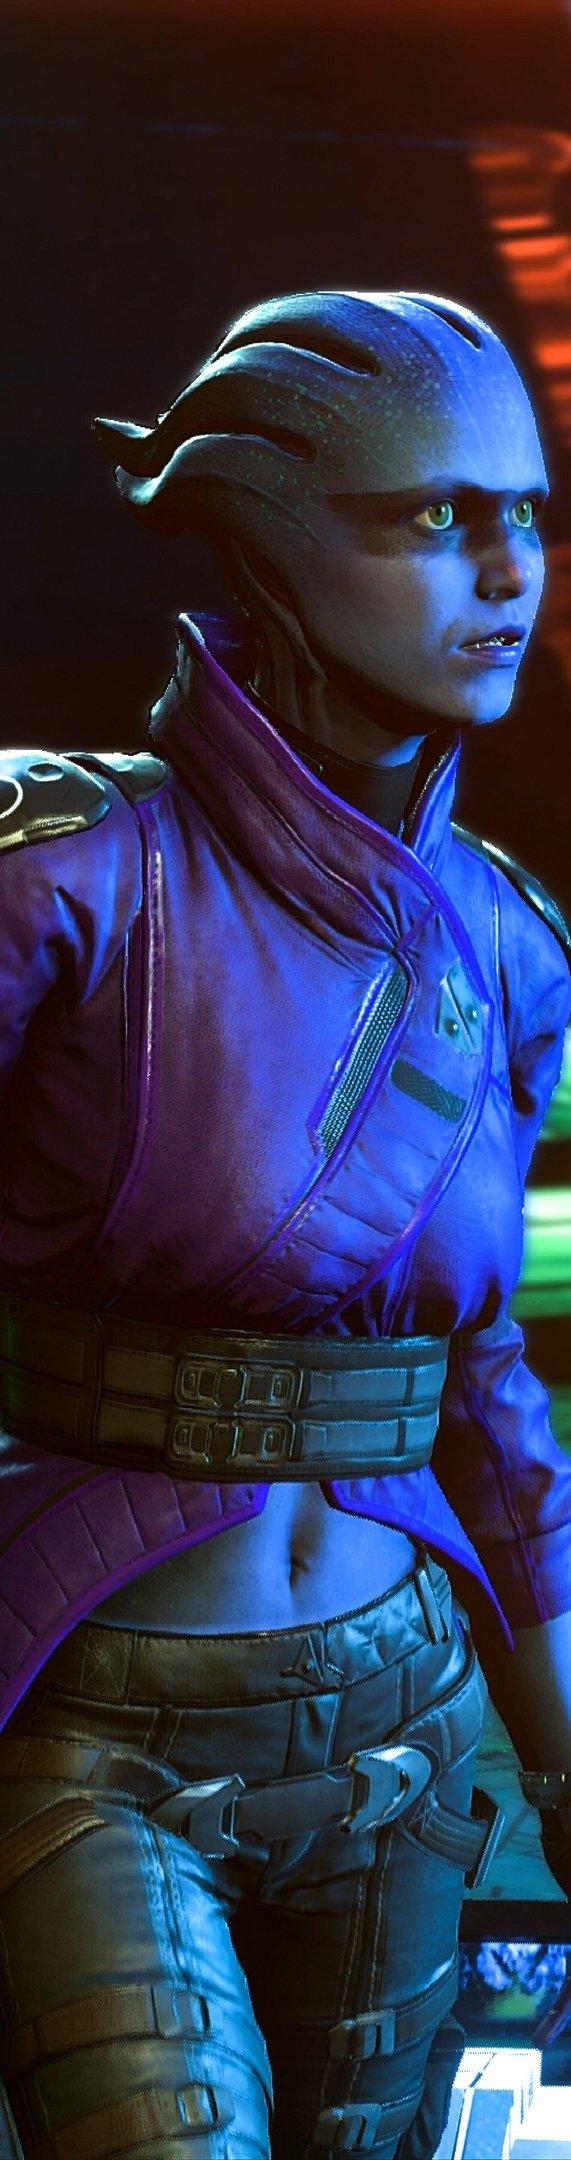 Круглый стол. Зачто мылюбим иненавидим Mass Effect: Andromeda. - Изображение 2